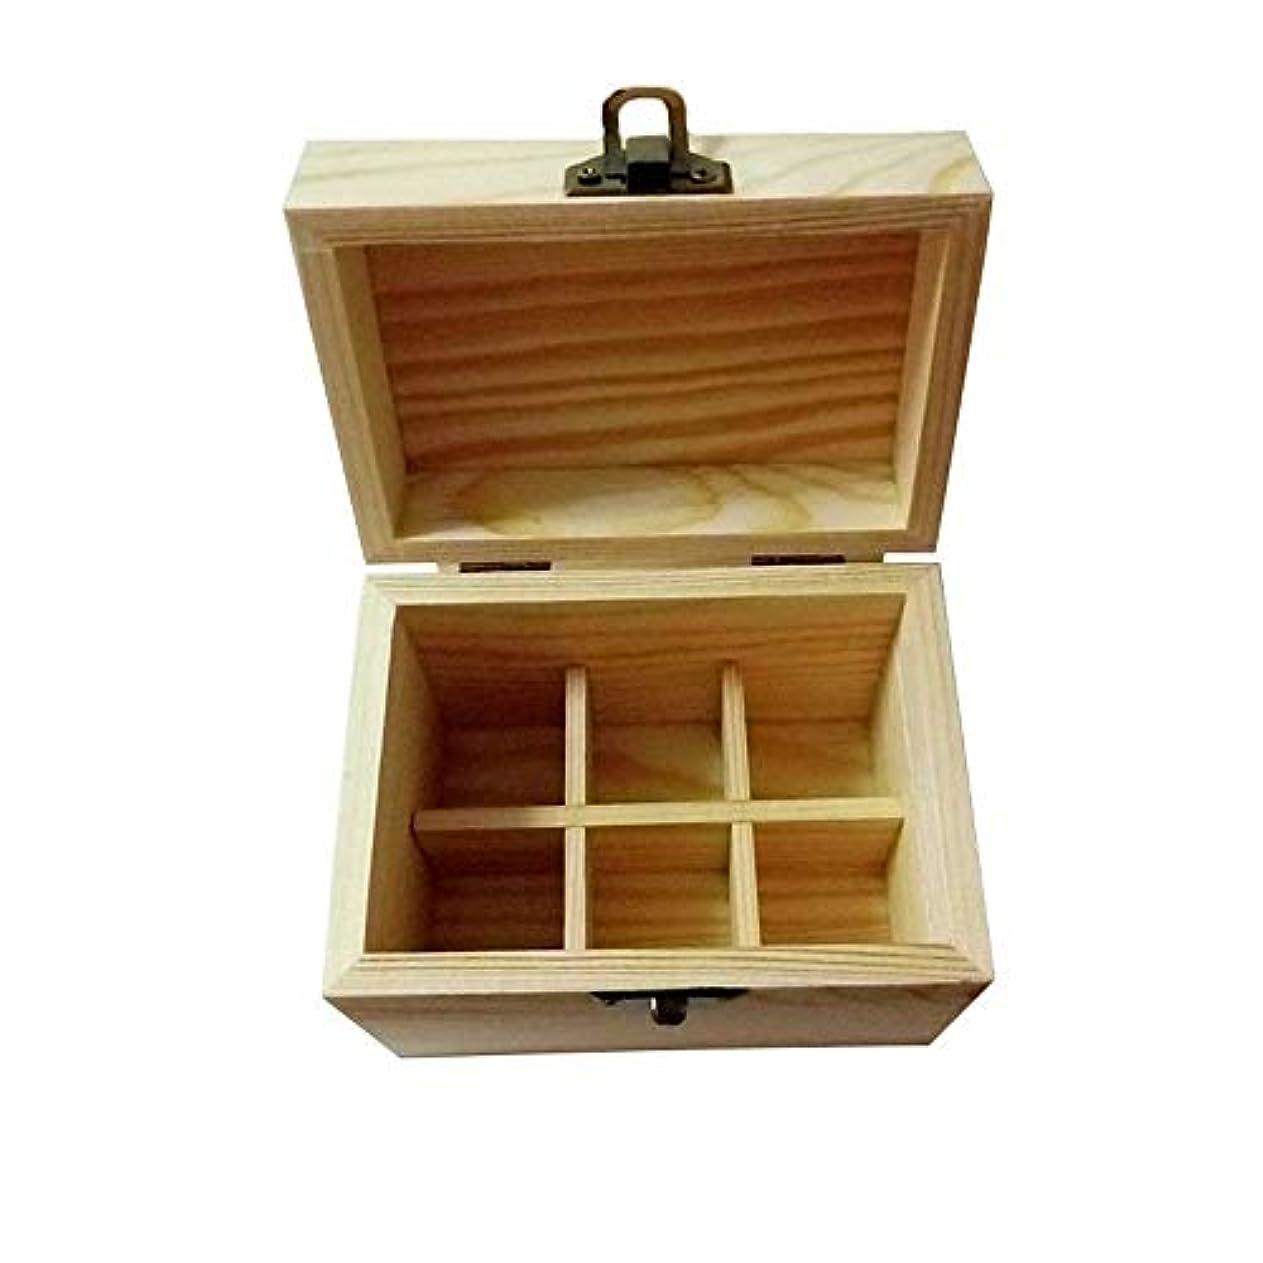 大きい謎めいた技術者エッセンシャルオイル収納ボックス エッセンシャルオイルストレージボックスケース木製??の主催者は表示11.5x8x9.5cmを運び、ホームストレージセーフ6本のボトルを保持します ポータブル収納ボックス (色 : Natural, サイズ : 11.5X8X9.5CM)